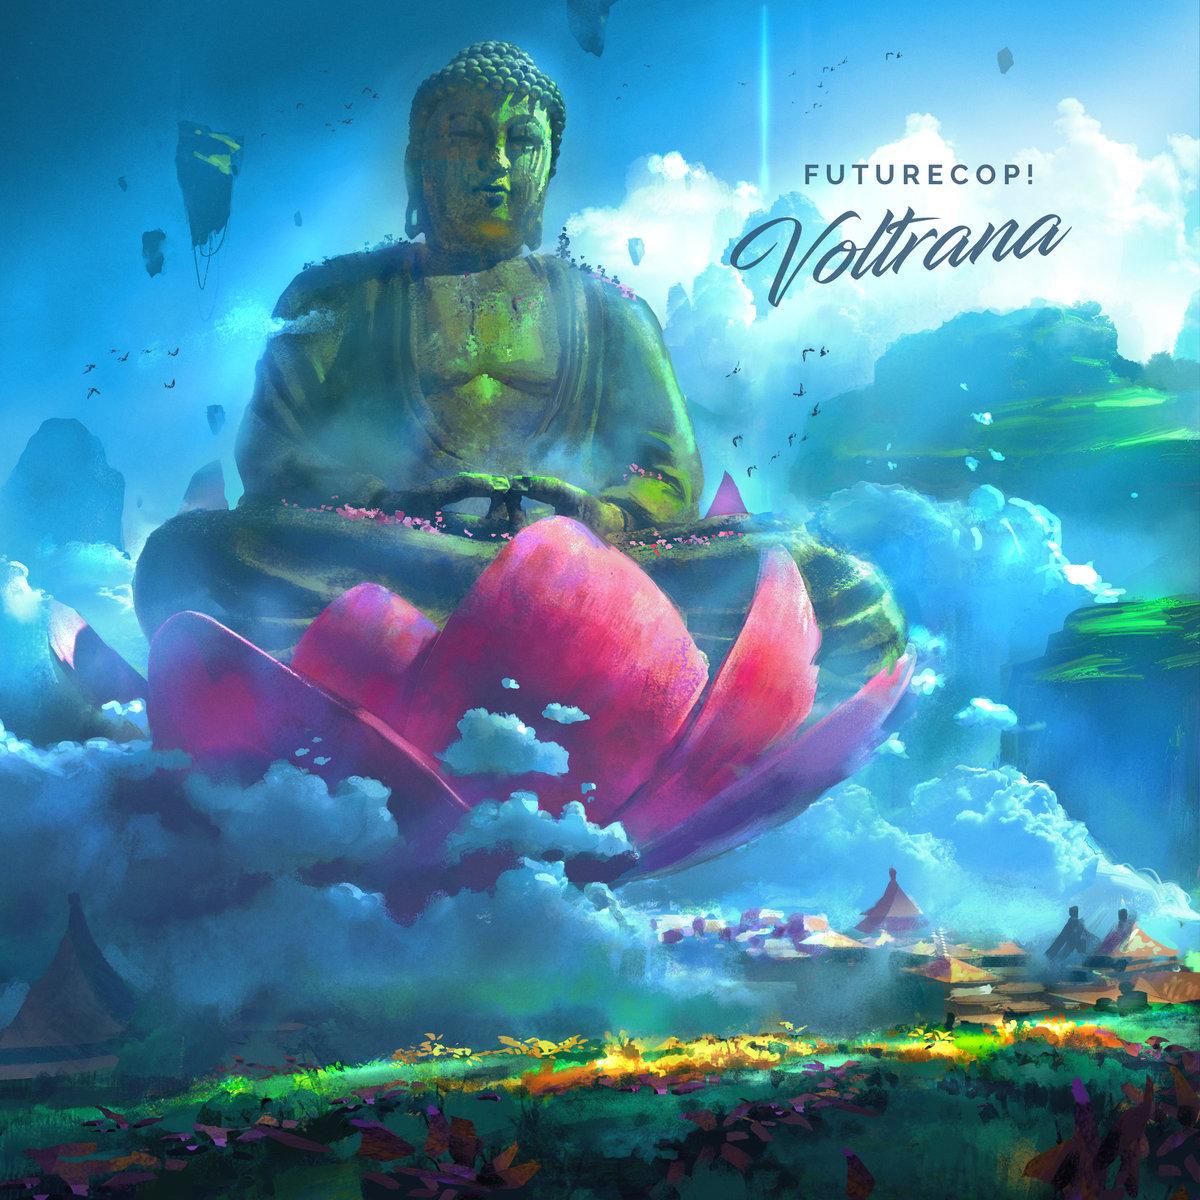 a2175085903 10 - Futurecop! Voltrana